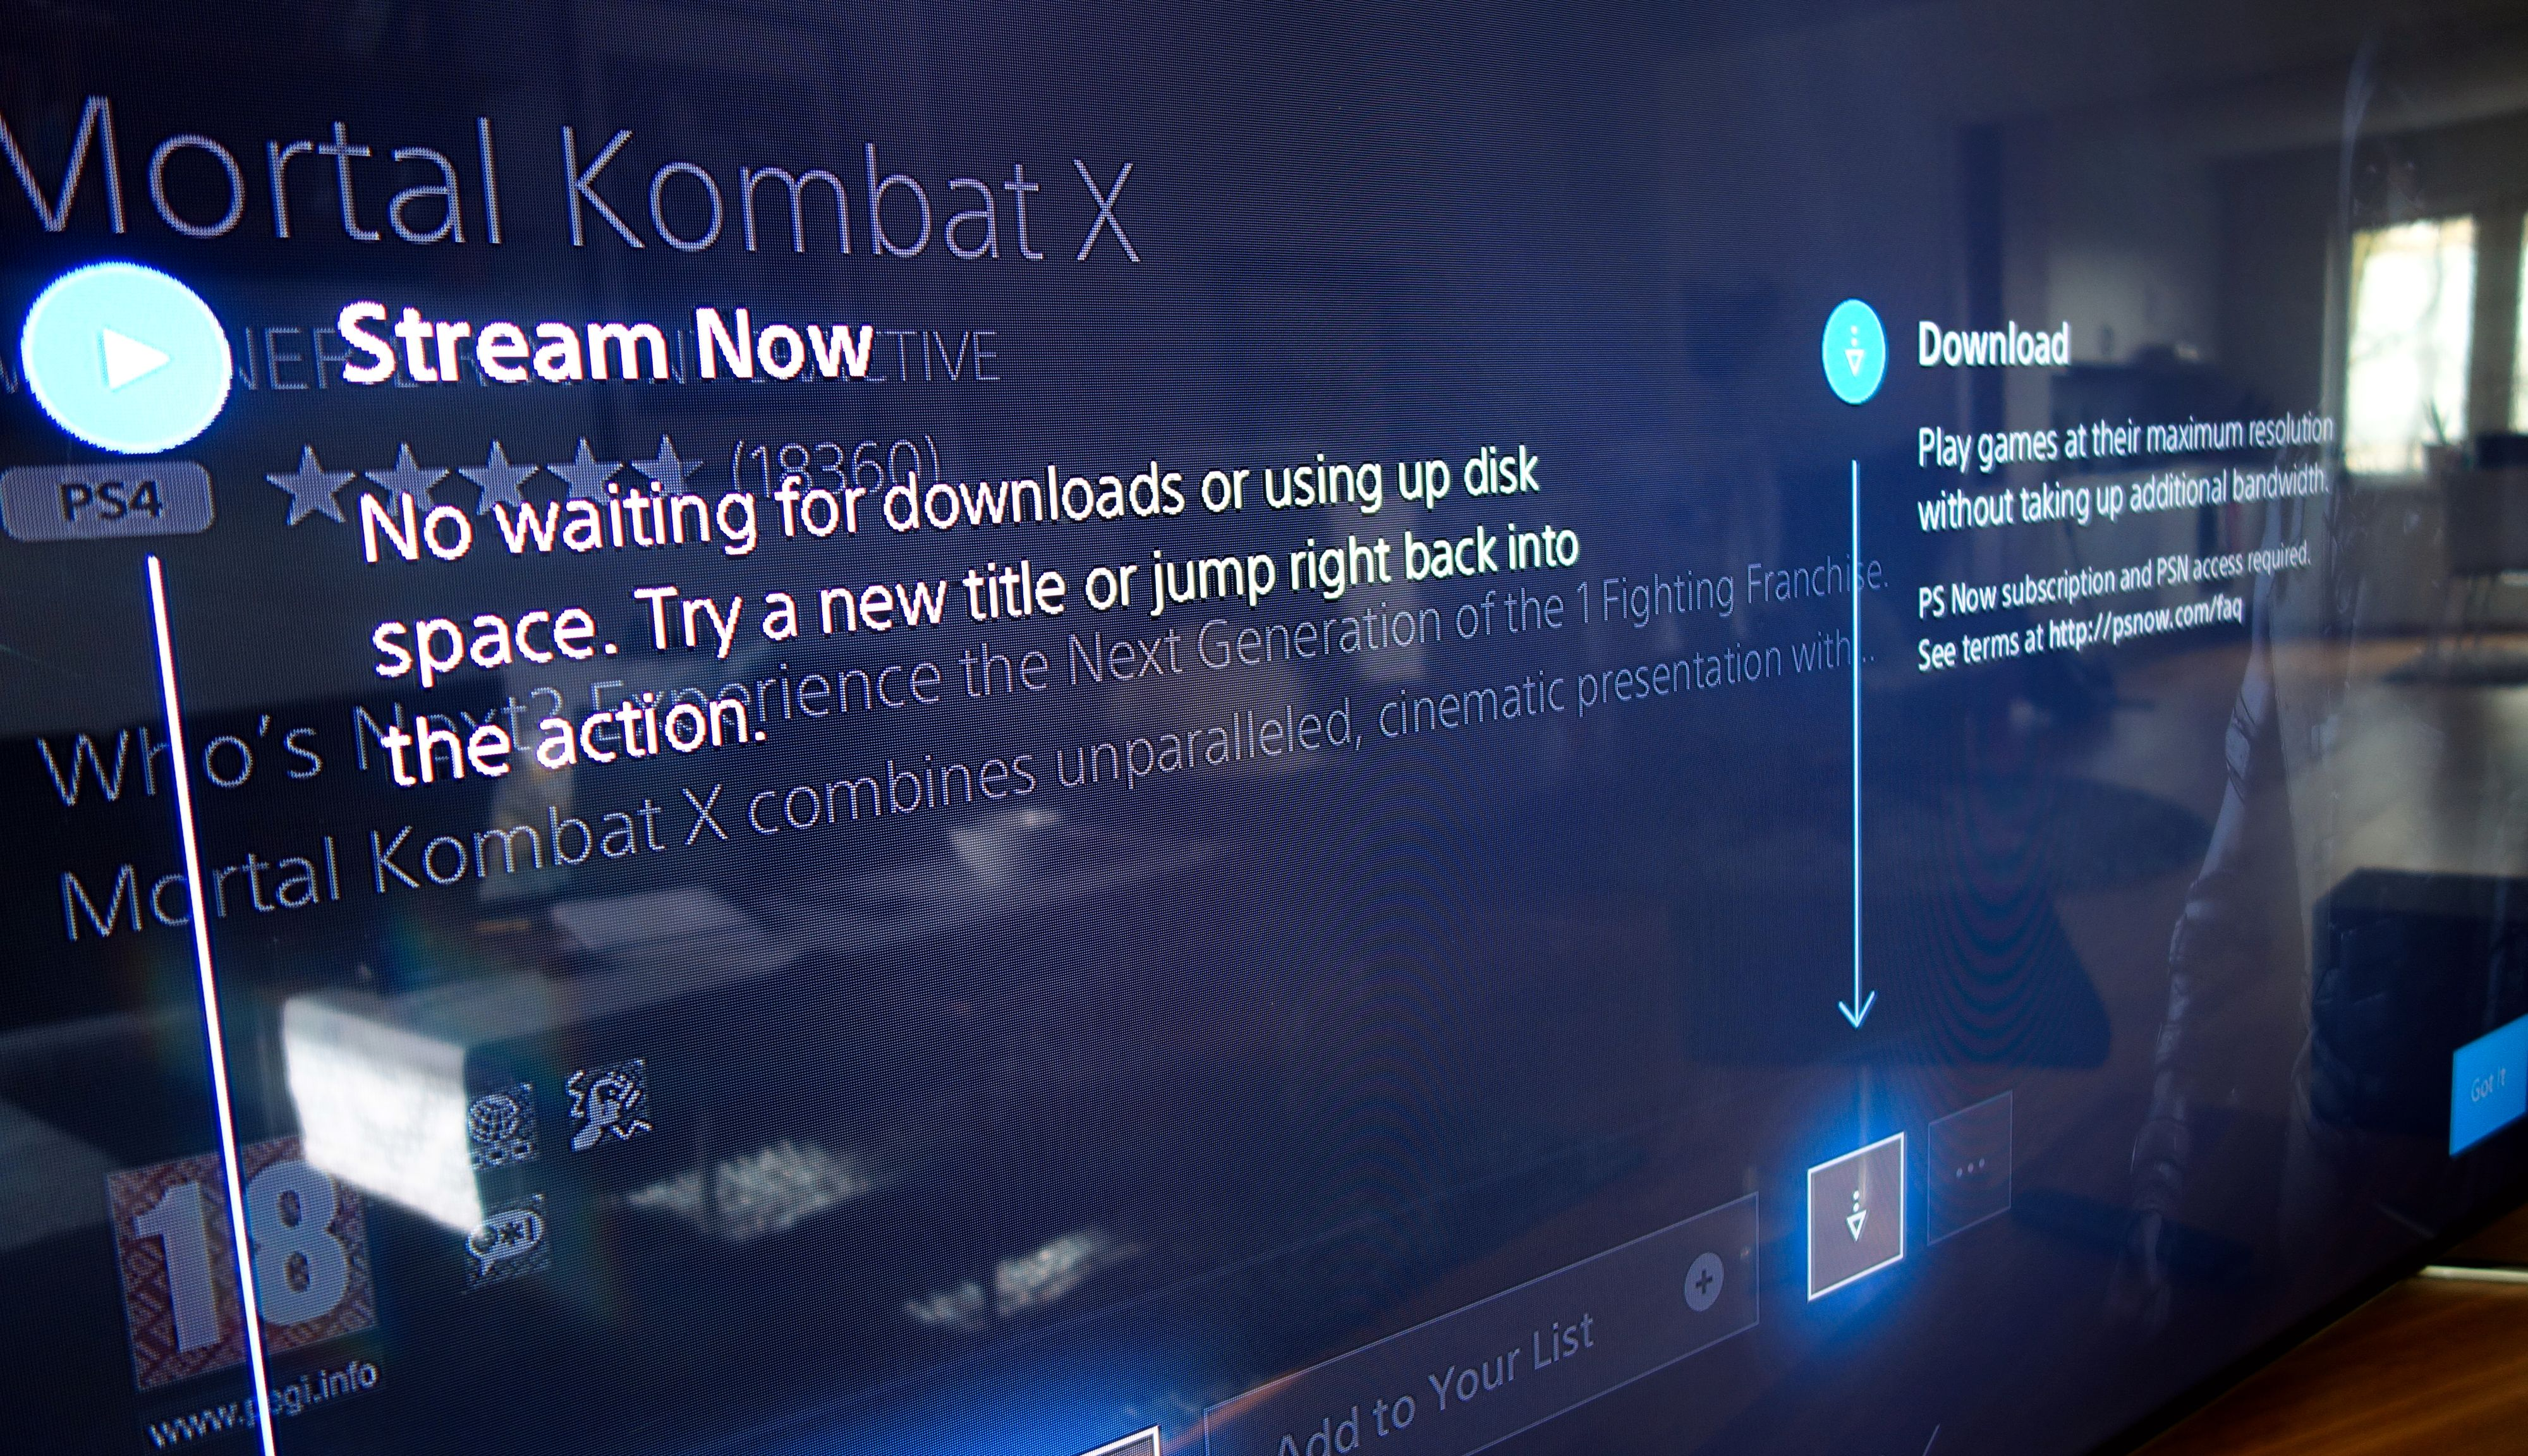 For PS4- og PS2-spill får du stort sett valget mellom å laste ned og å strømme spillet direkte.